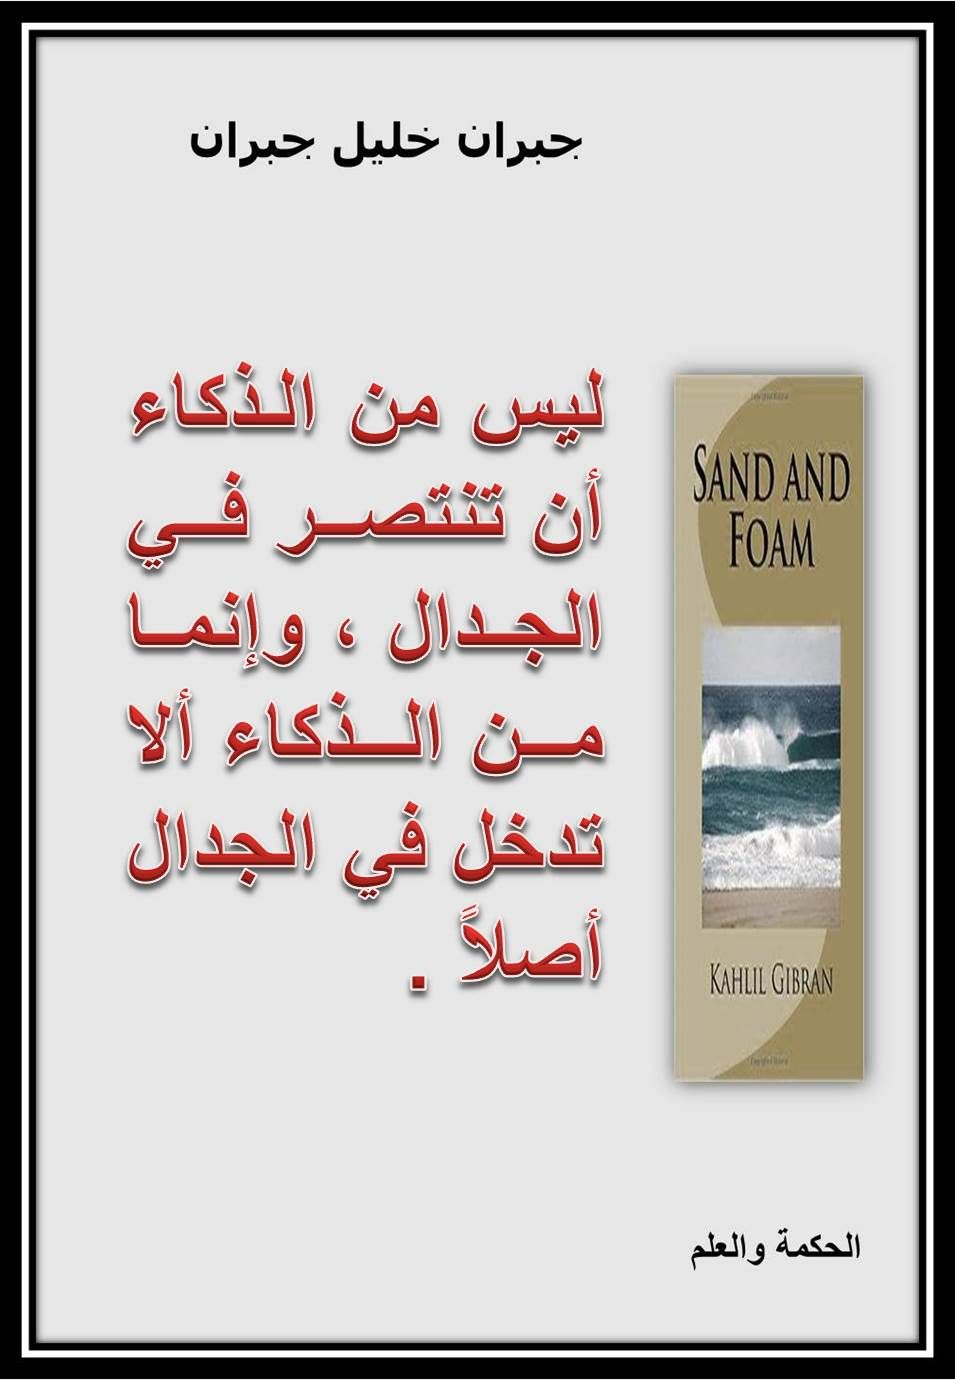 جبران خليل جبران الذكاء Kahlil Gibran Quotes Kahlil Gibran Words